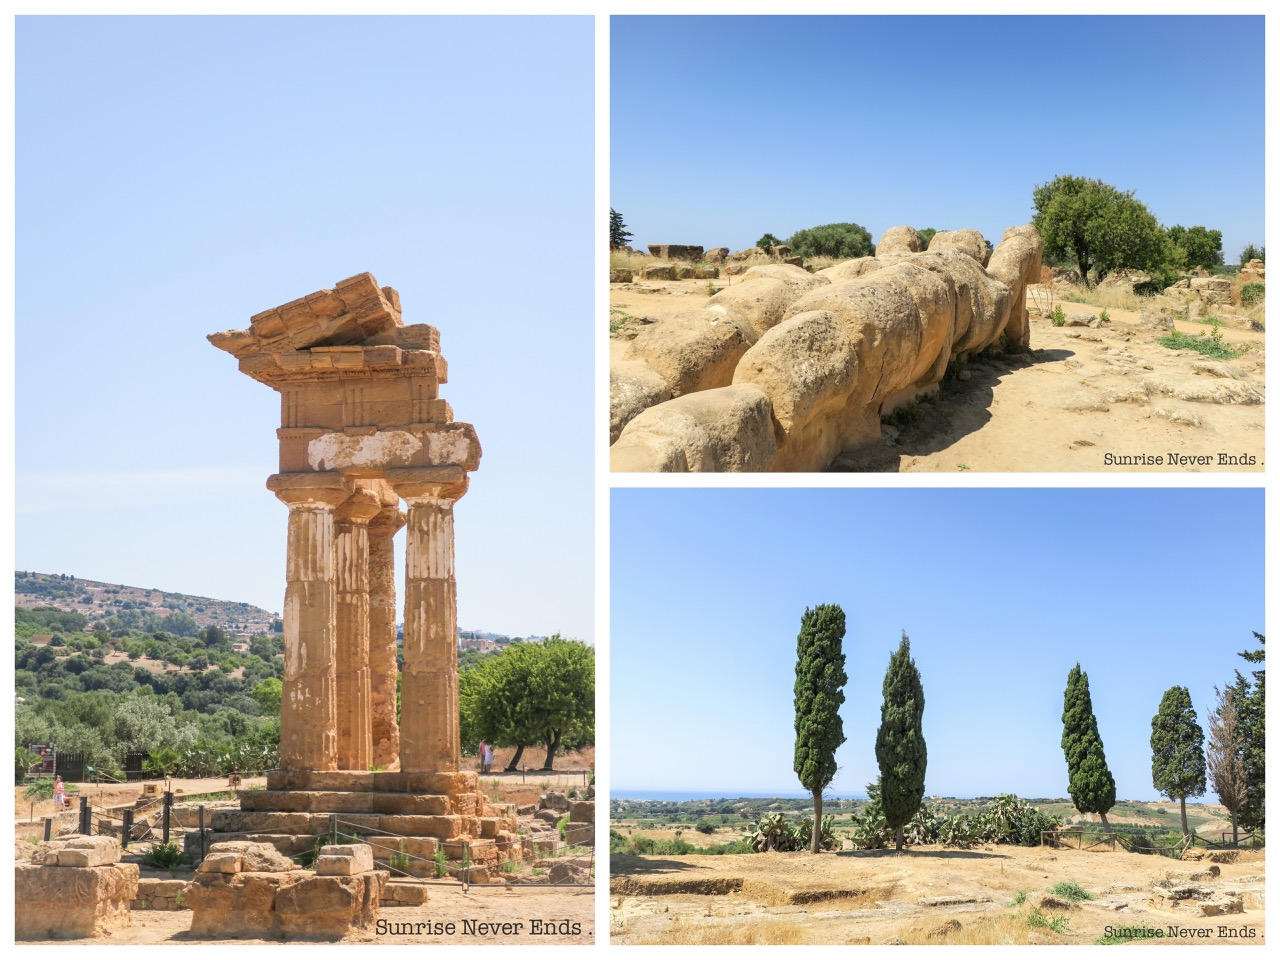 temples,grecs,byzantins,arabes,agrigente,vallée des temples,sicile,italie,sicilianroadtrip,travel,voyage,antiquités,méditerranée,